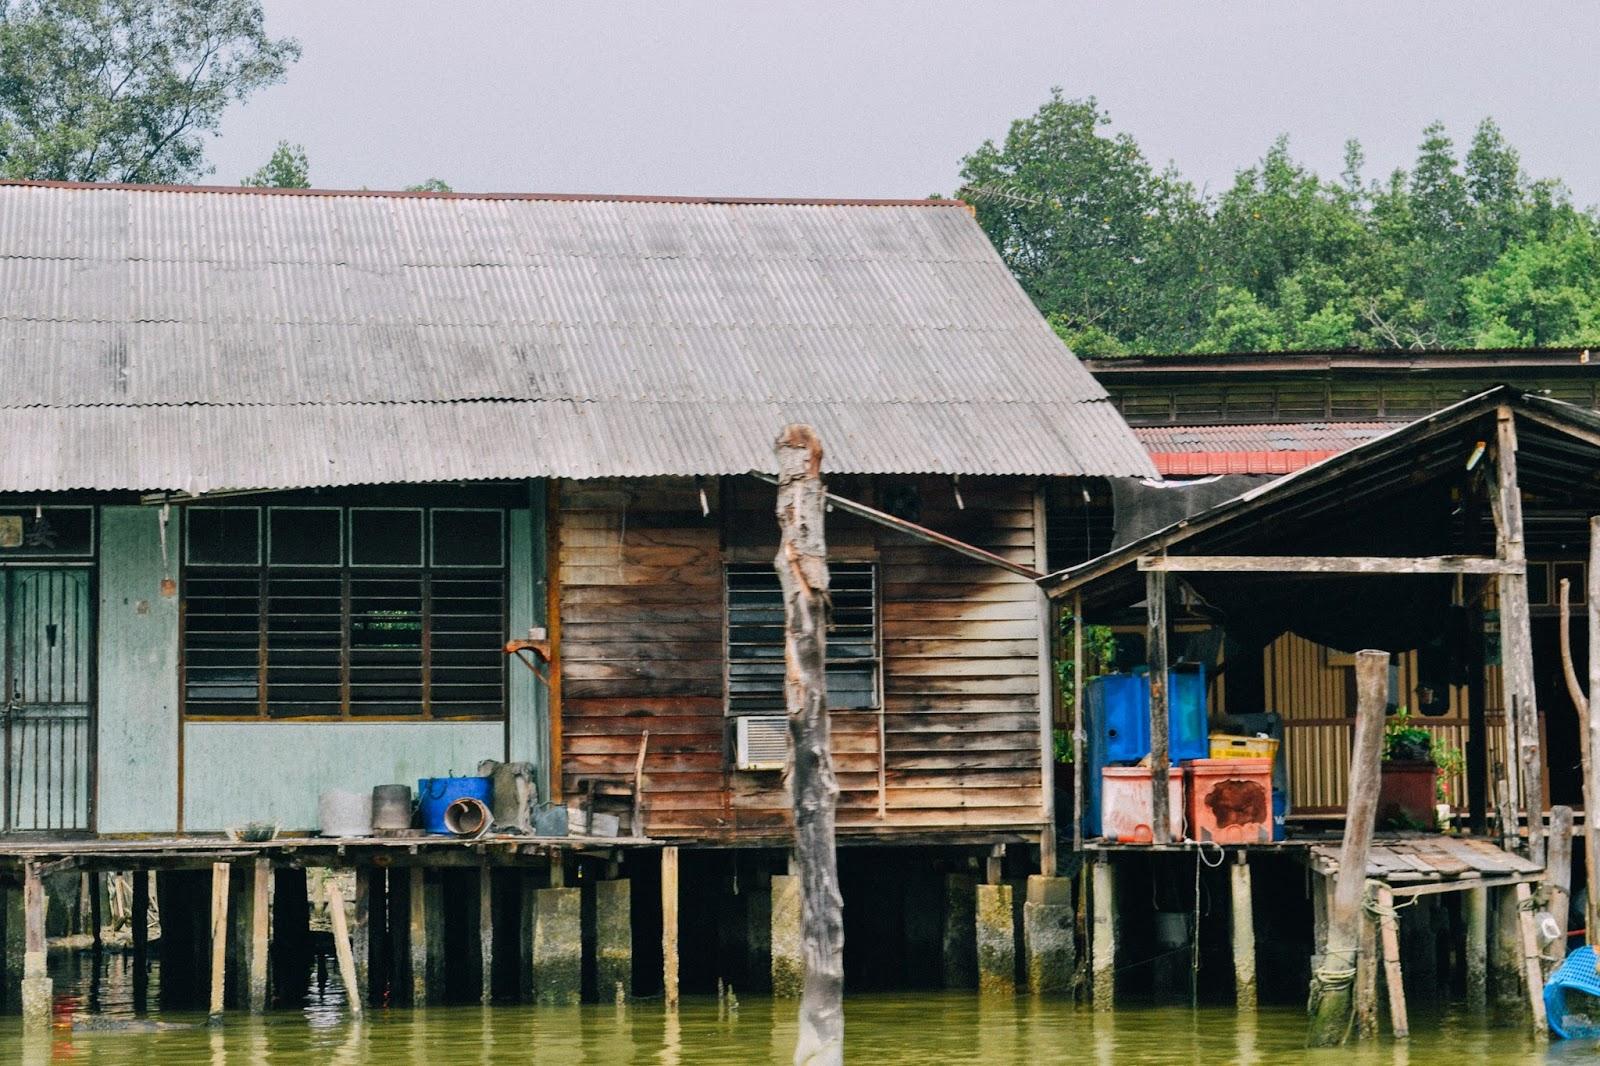 Kuala Sepetang Malaysia  city photo : 奇跡: Travel: Kuala Sepetang, Malaysia